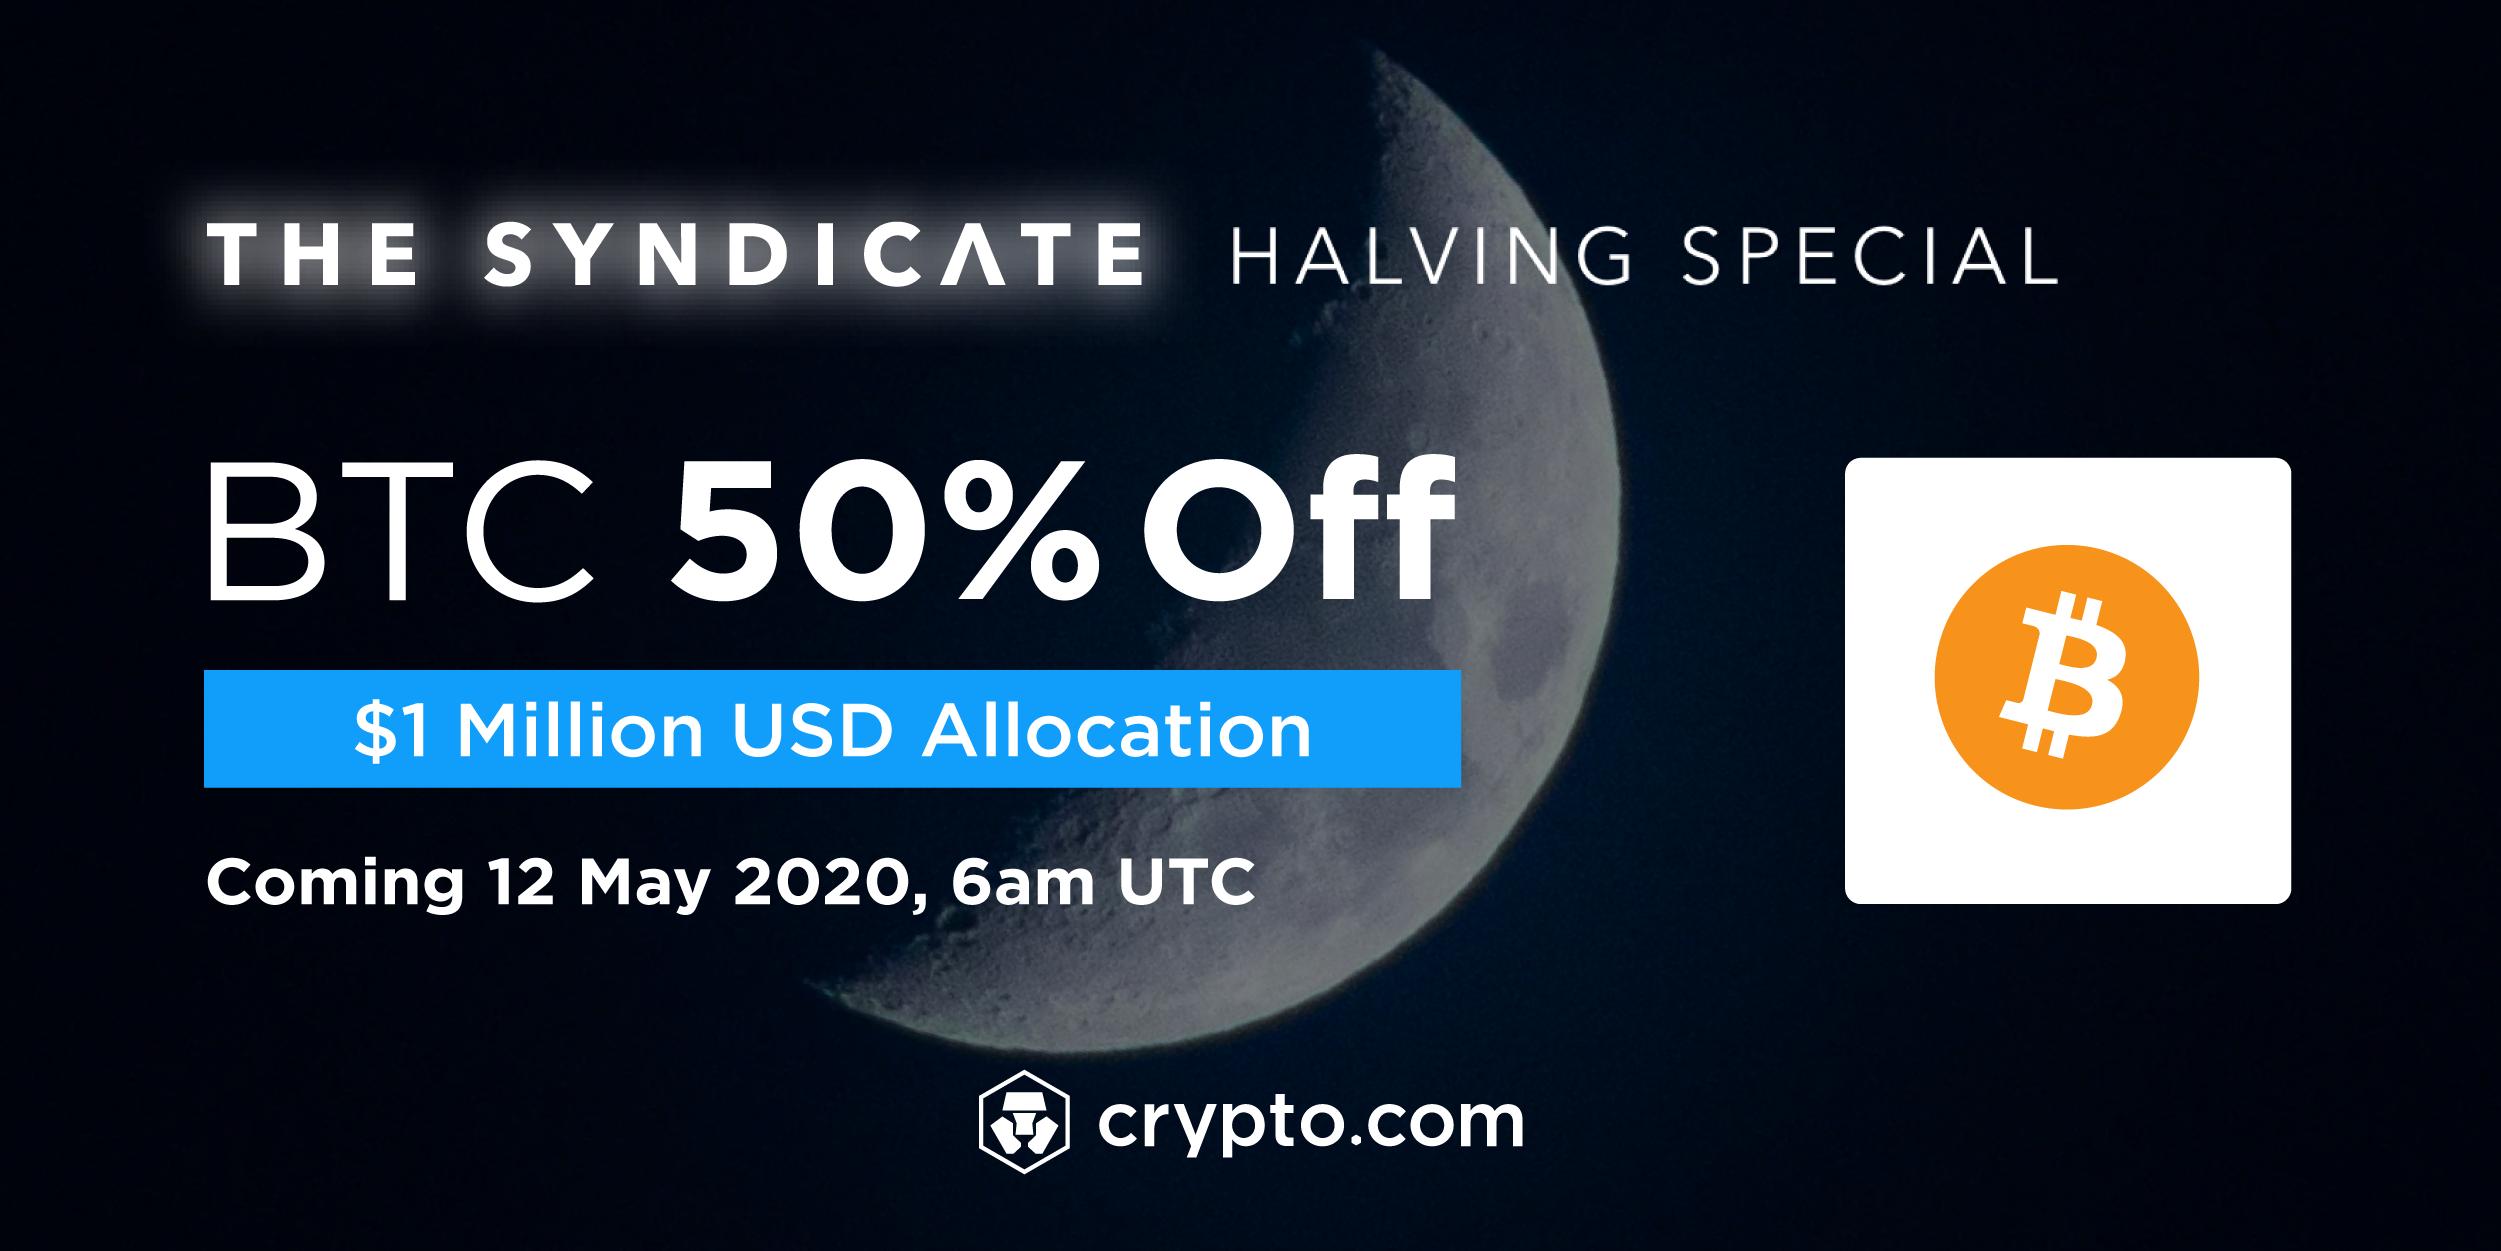 Crypto.com BTC Halving Special